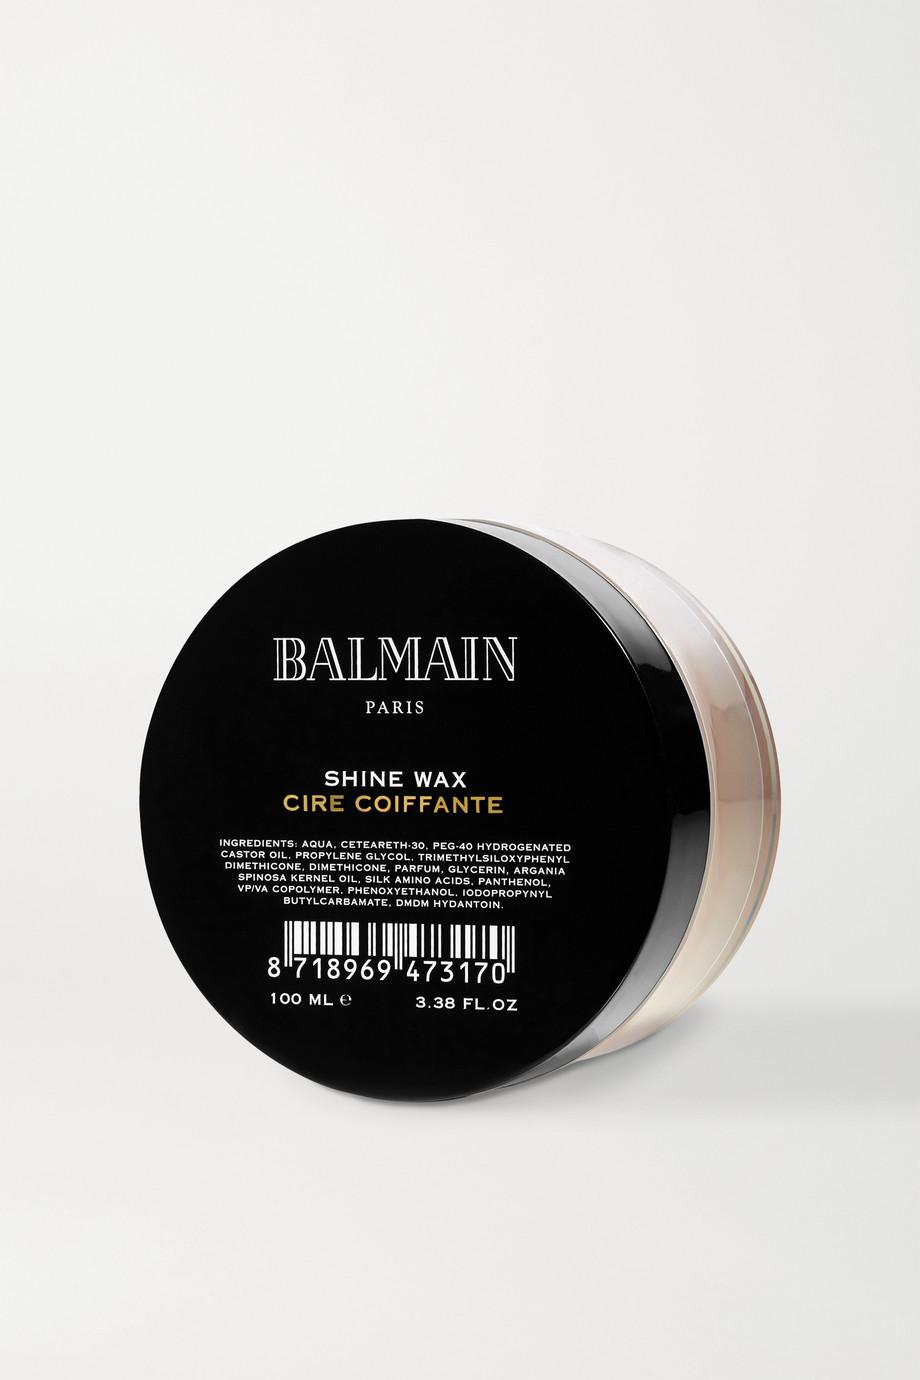 Balmain Paris Hair Couture Shine Wax, 100ml